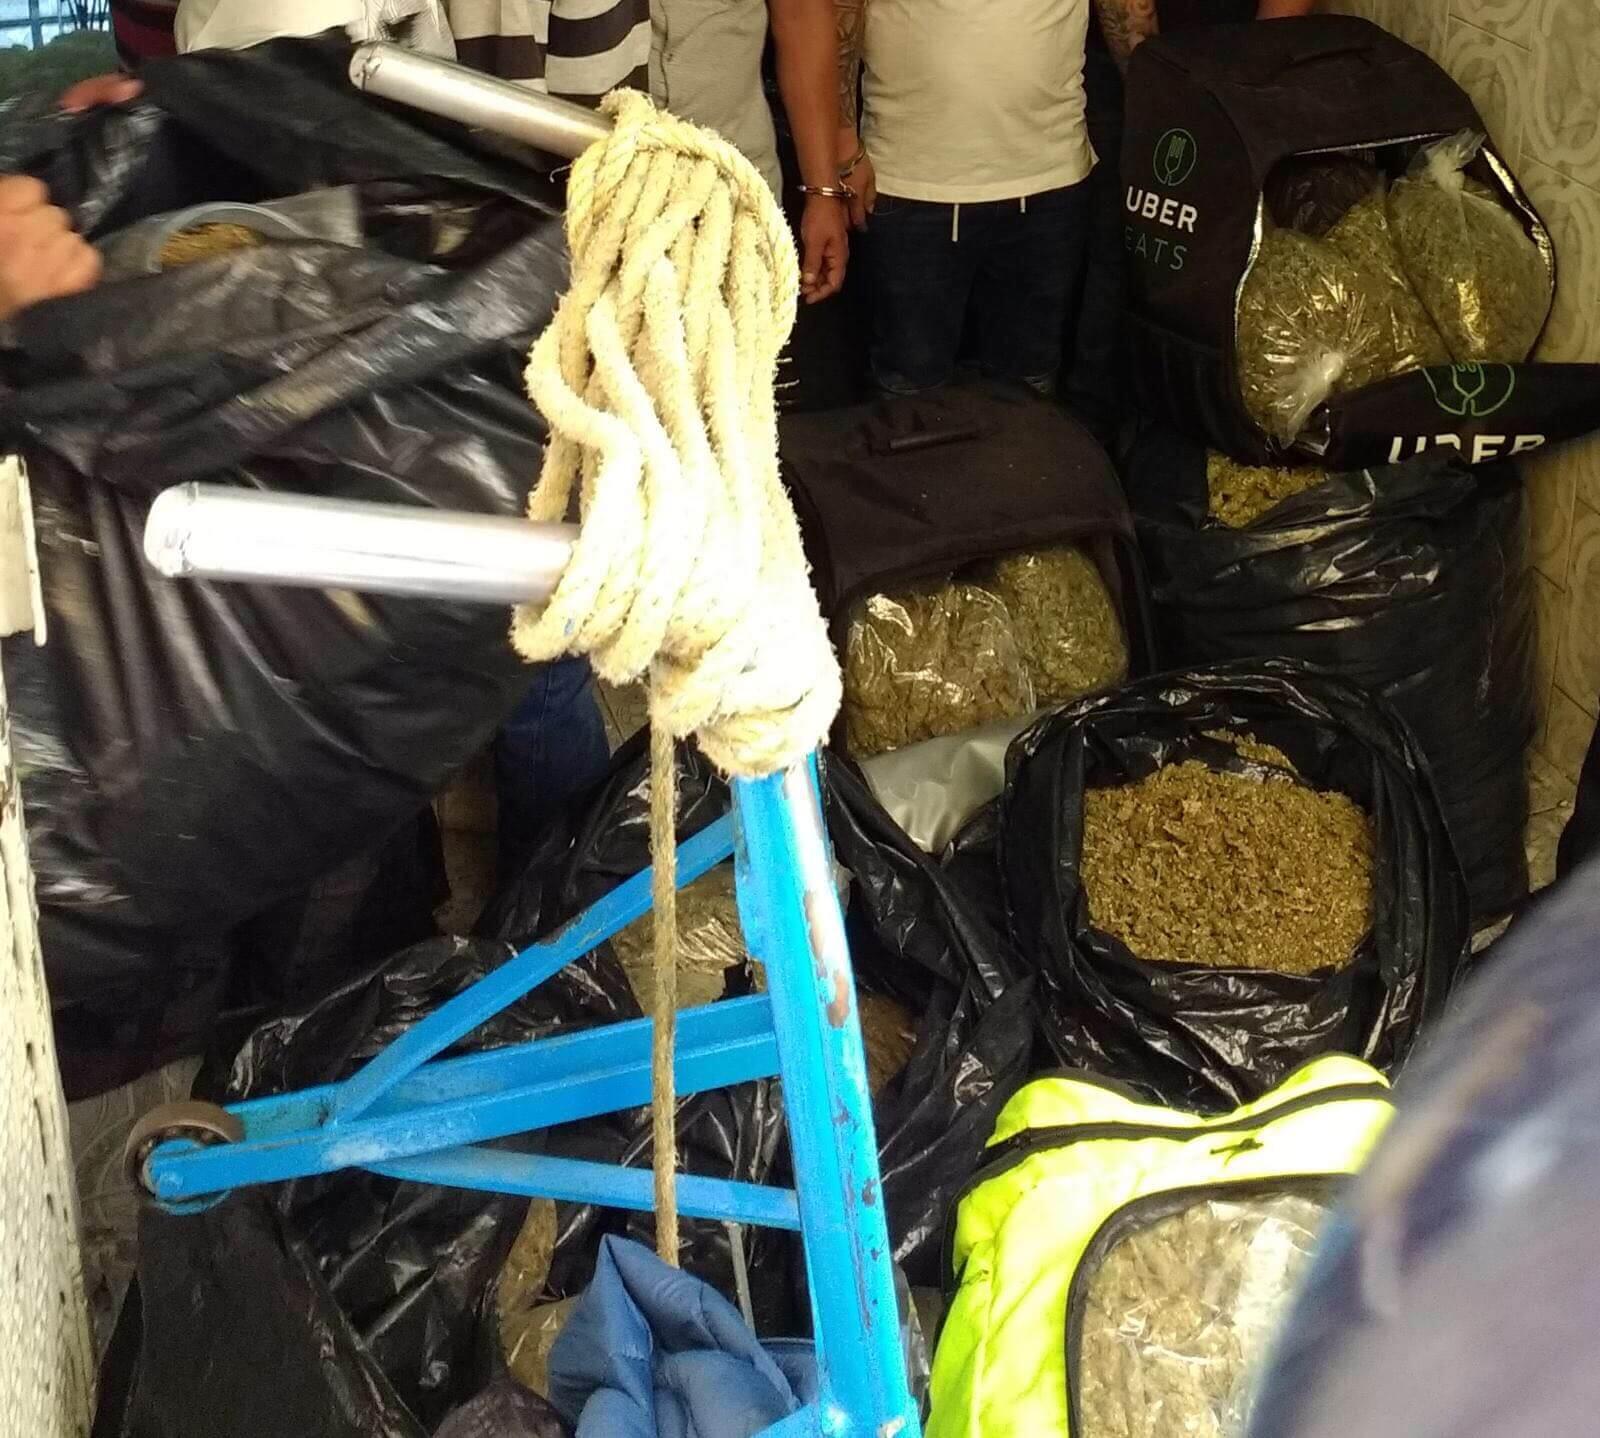 Alertan por distribución de droga en UberEats